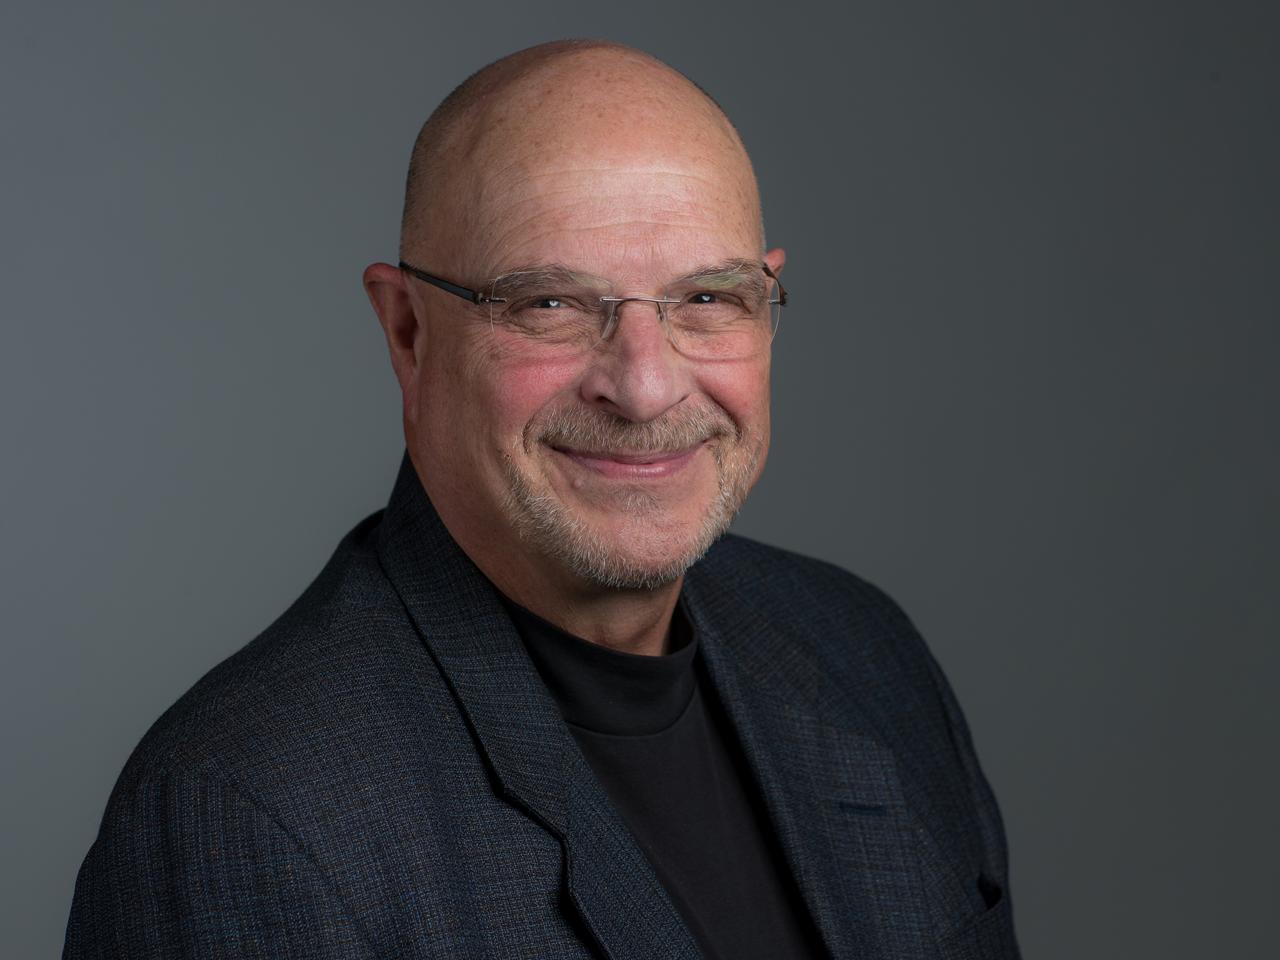 Dr. Ron Bonnstetter